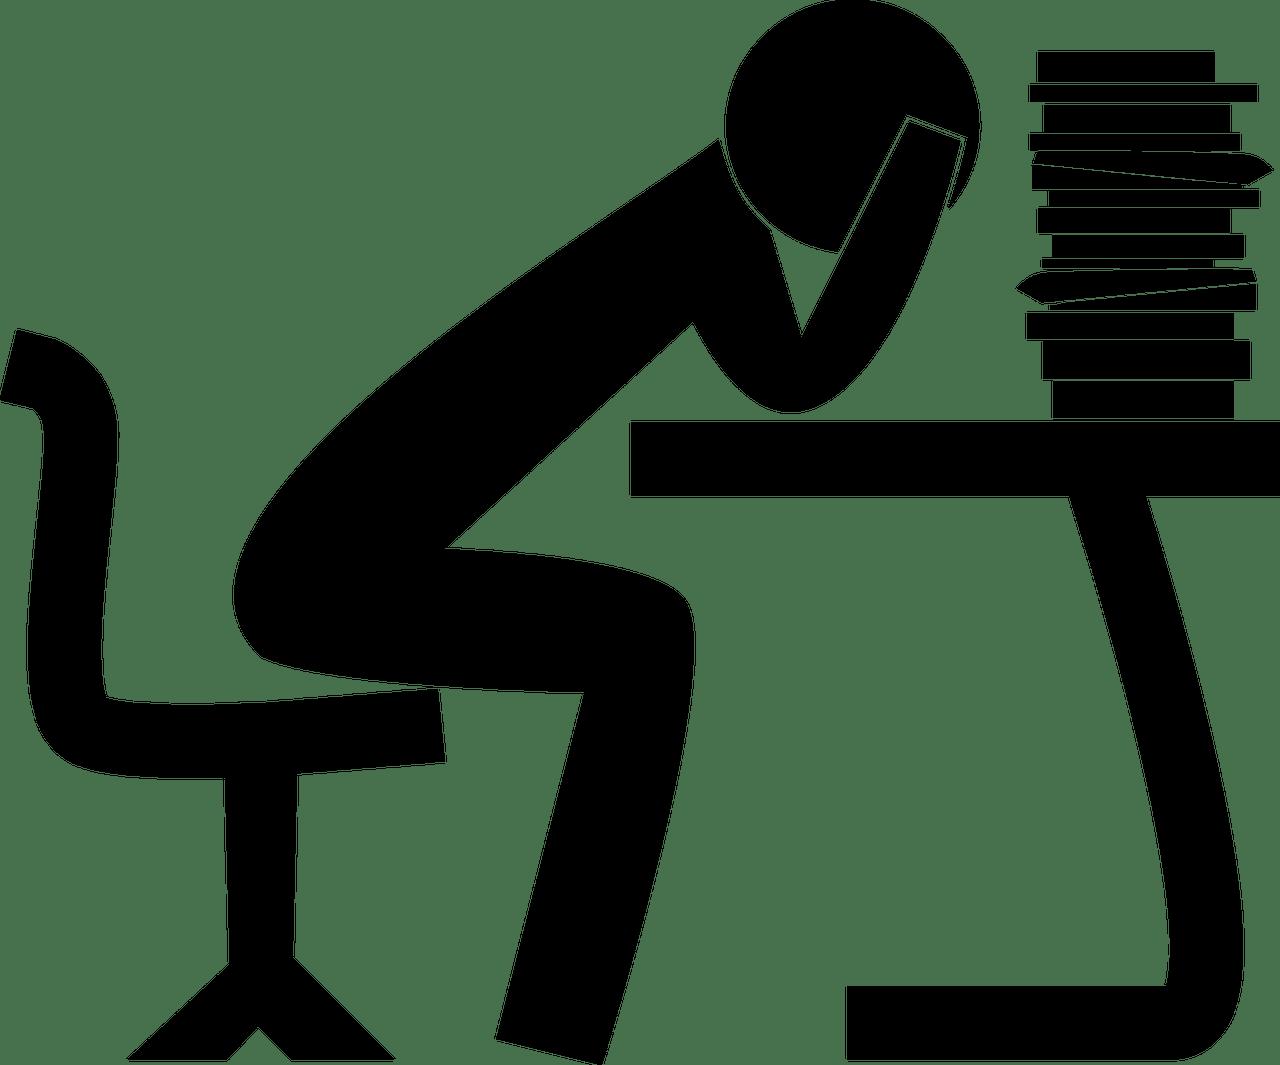 Compiti per le vacanze di Natale: lettera ai docenti